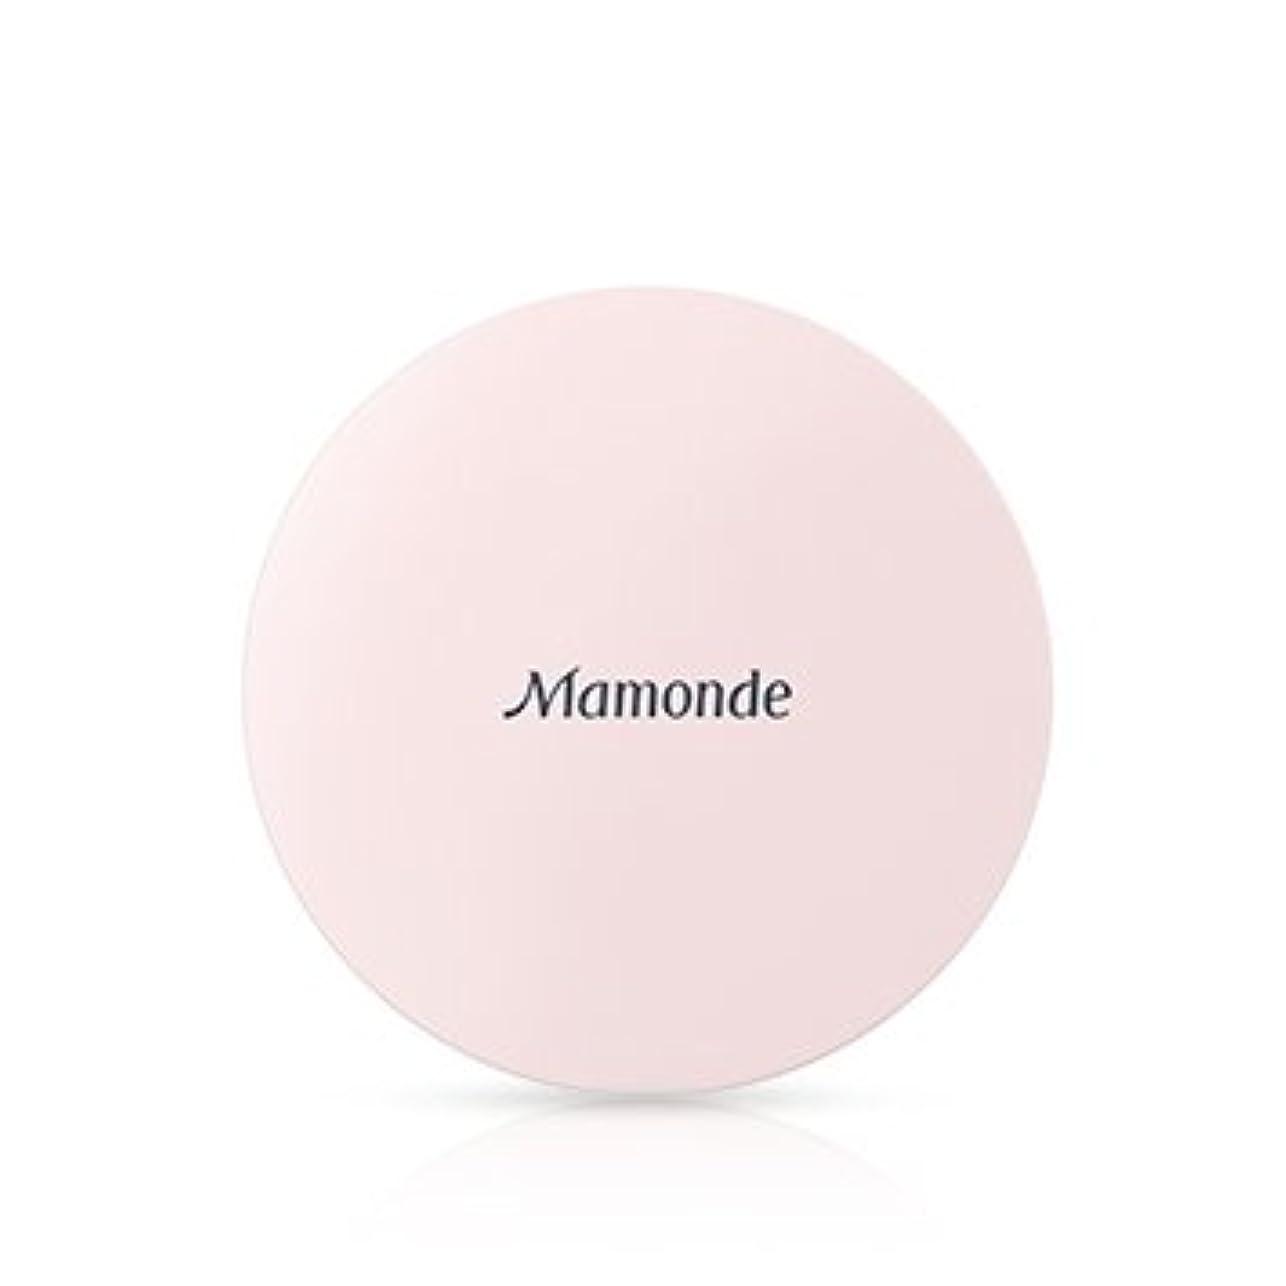 トーン電圧衝動[New] Mamonde High Cover Liquid Cushion 15g/マモンド ハイ カバー リキッド クッション 15g (#17 Cover Porcelain) [並行輸入品]